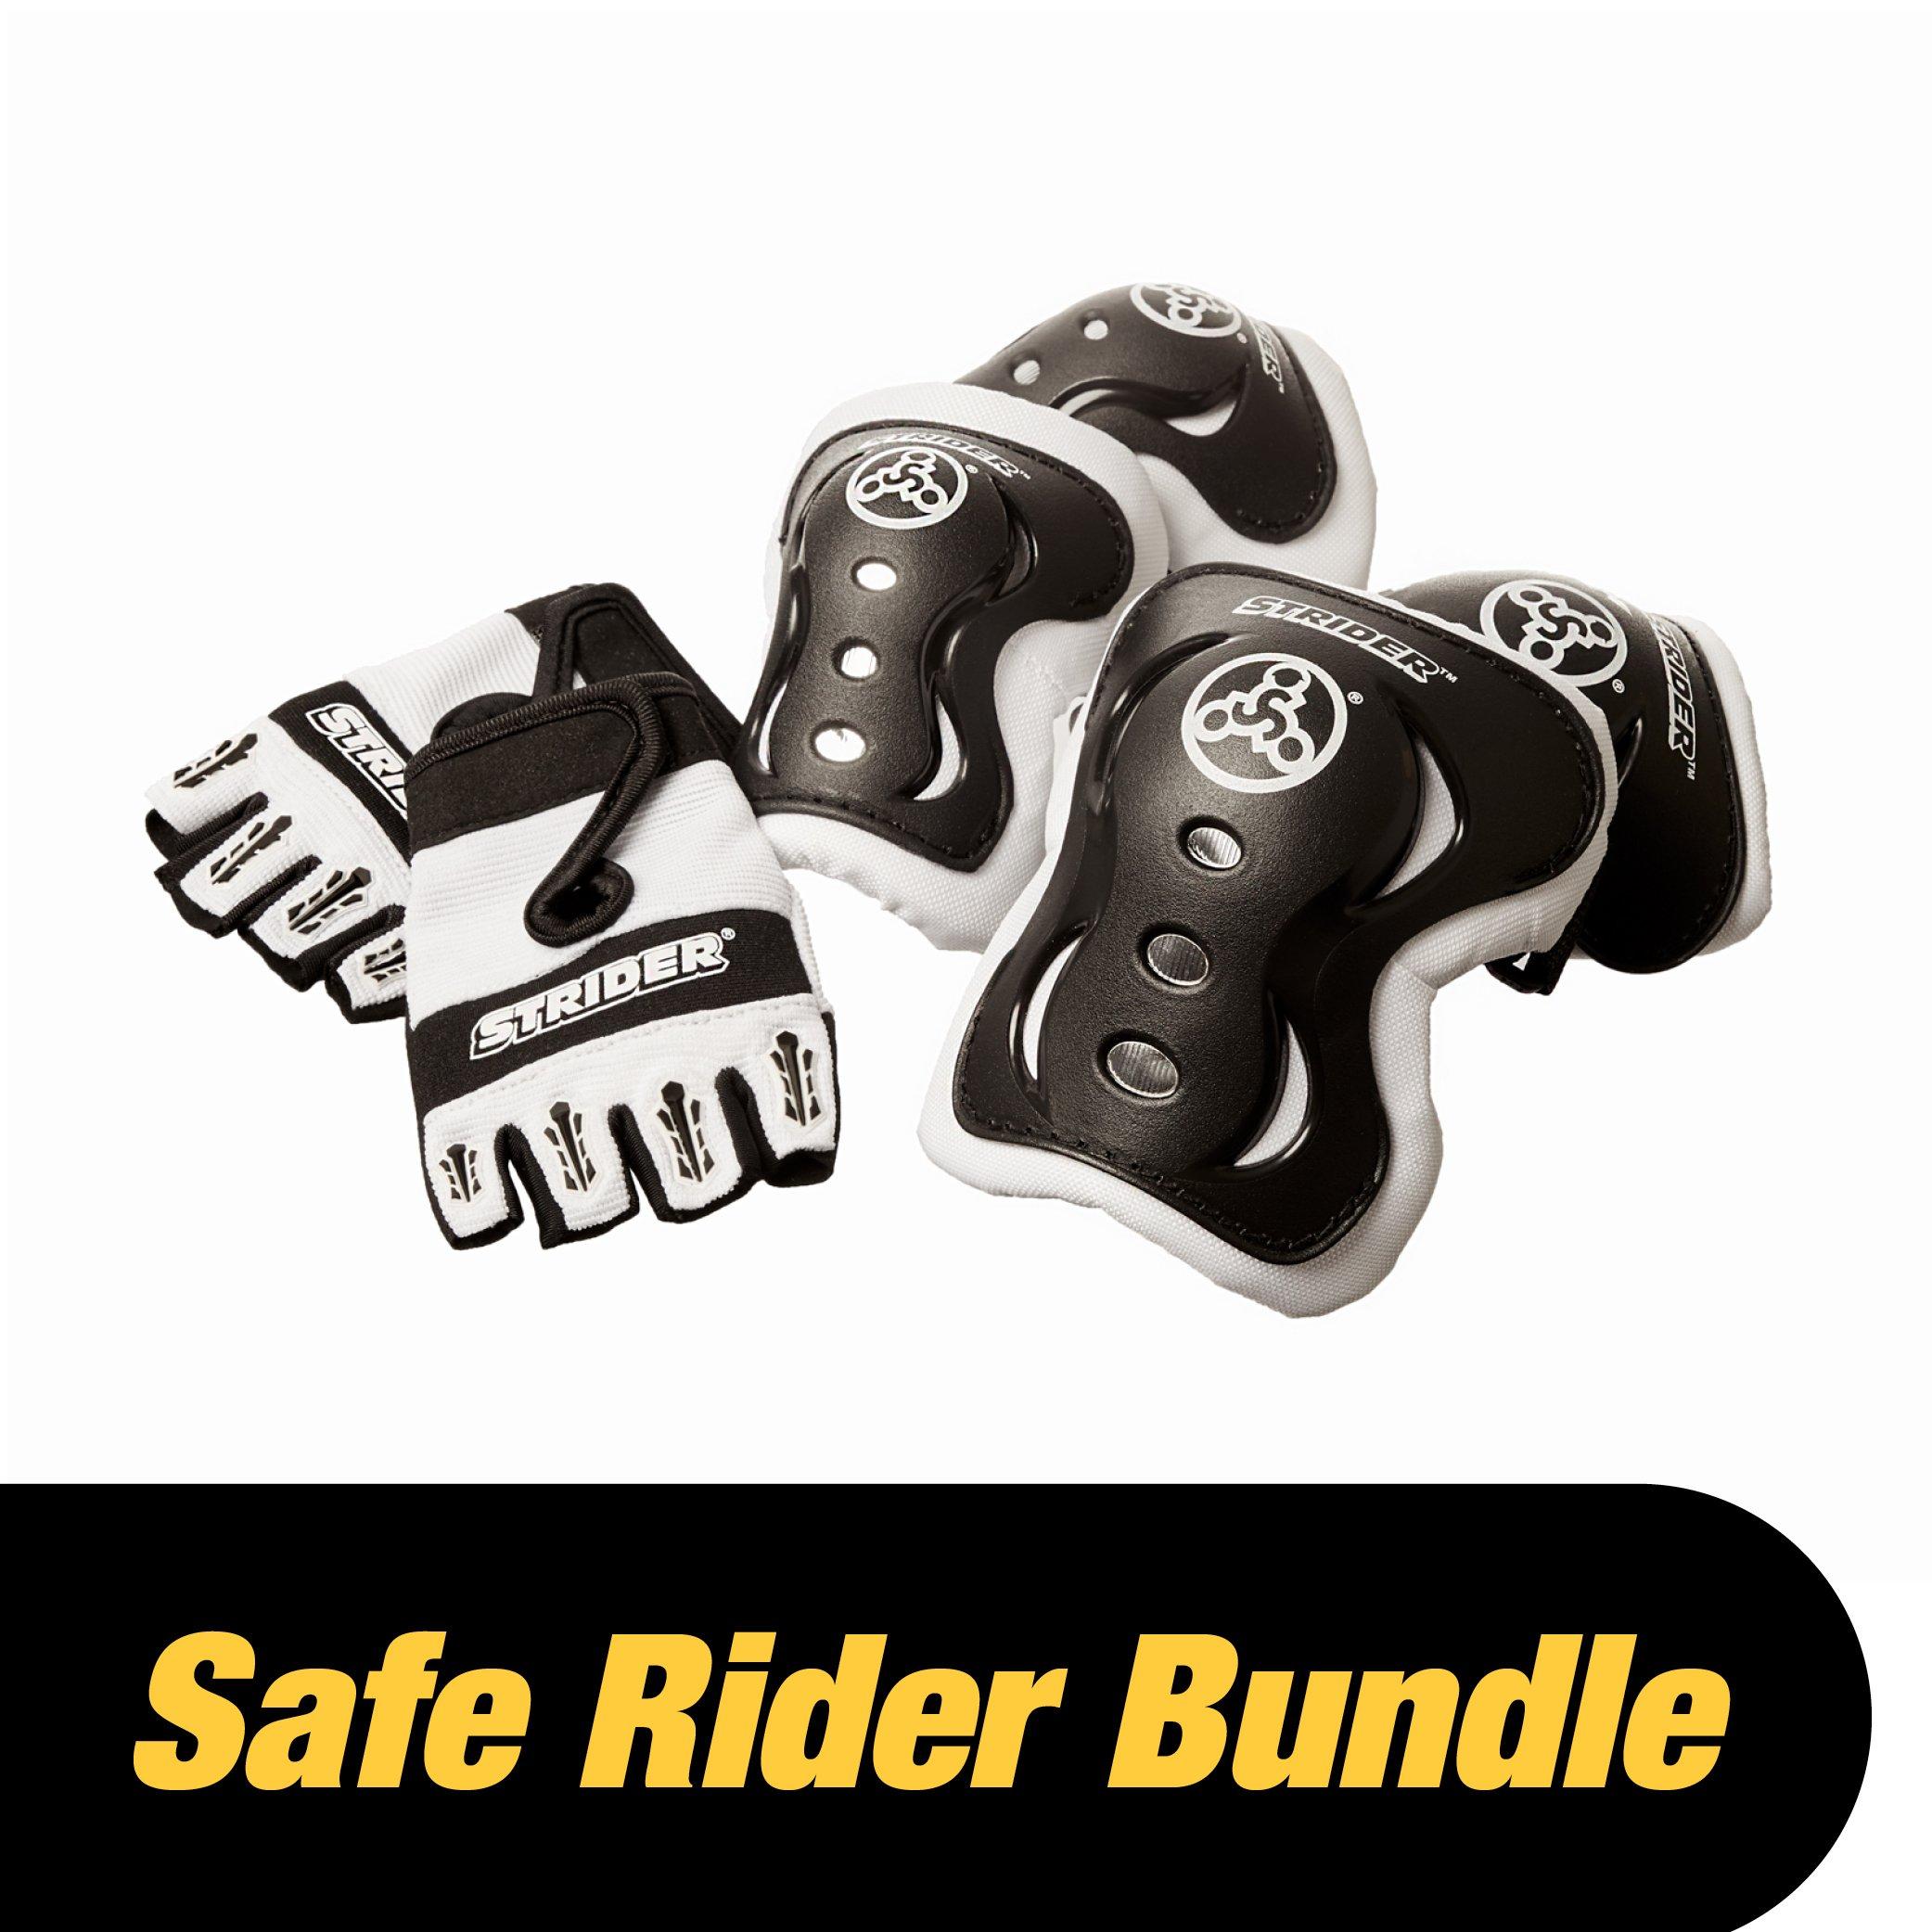 Strider - Safe Rider Bundle, Half Finger Gloves, Large